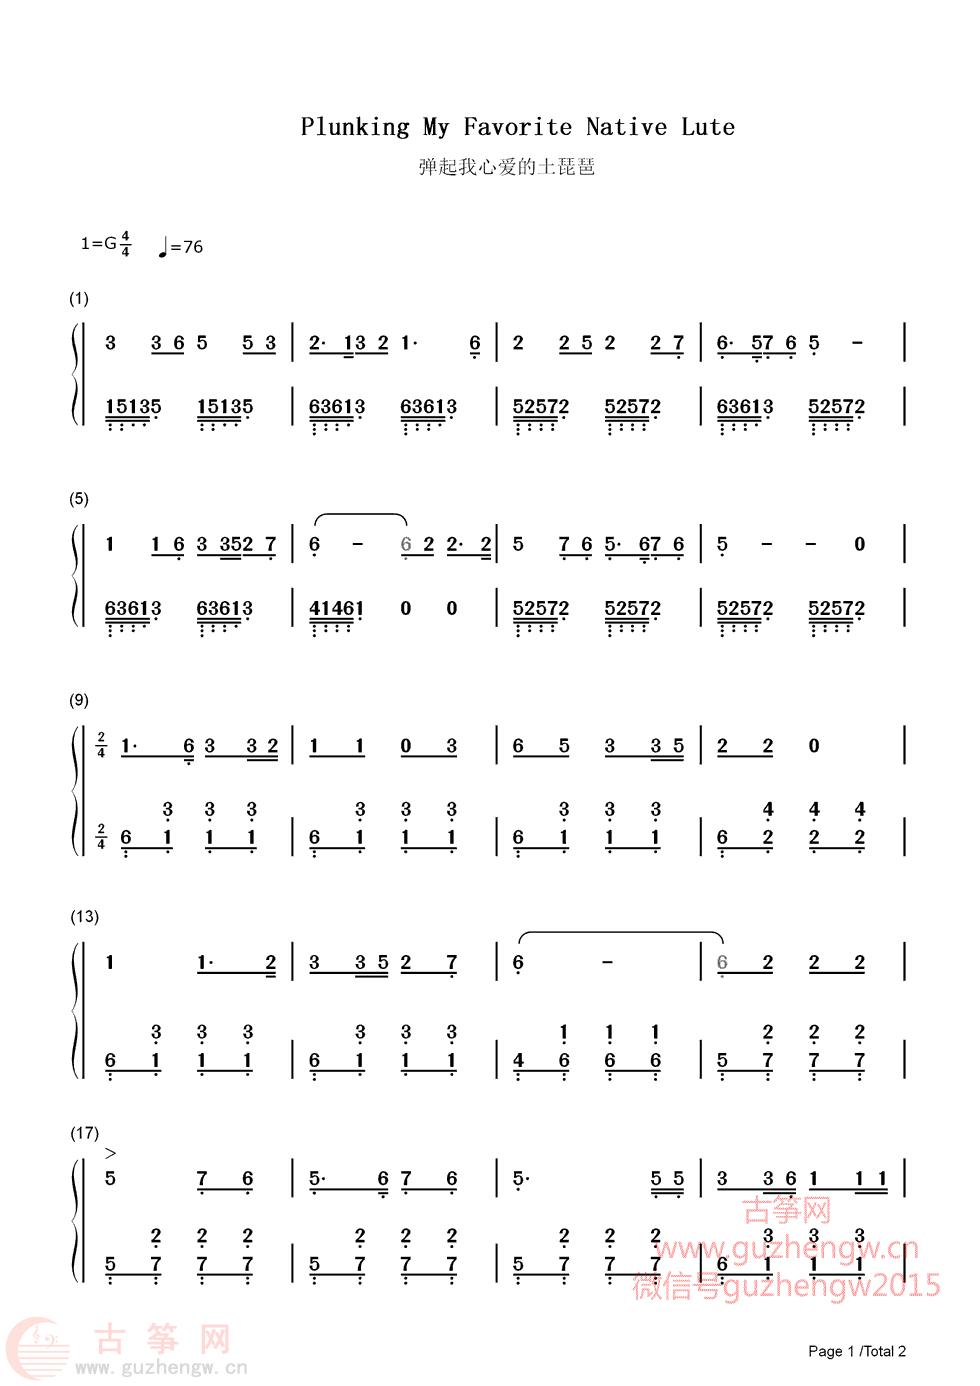 弹起我心爱的土琵琶-铁道游击队插曲(简谱)